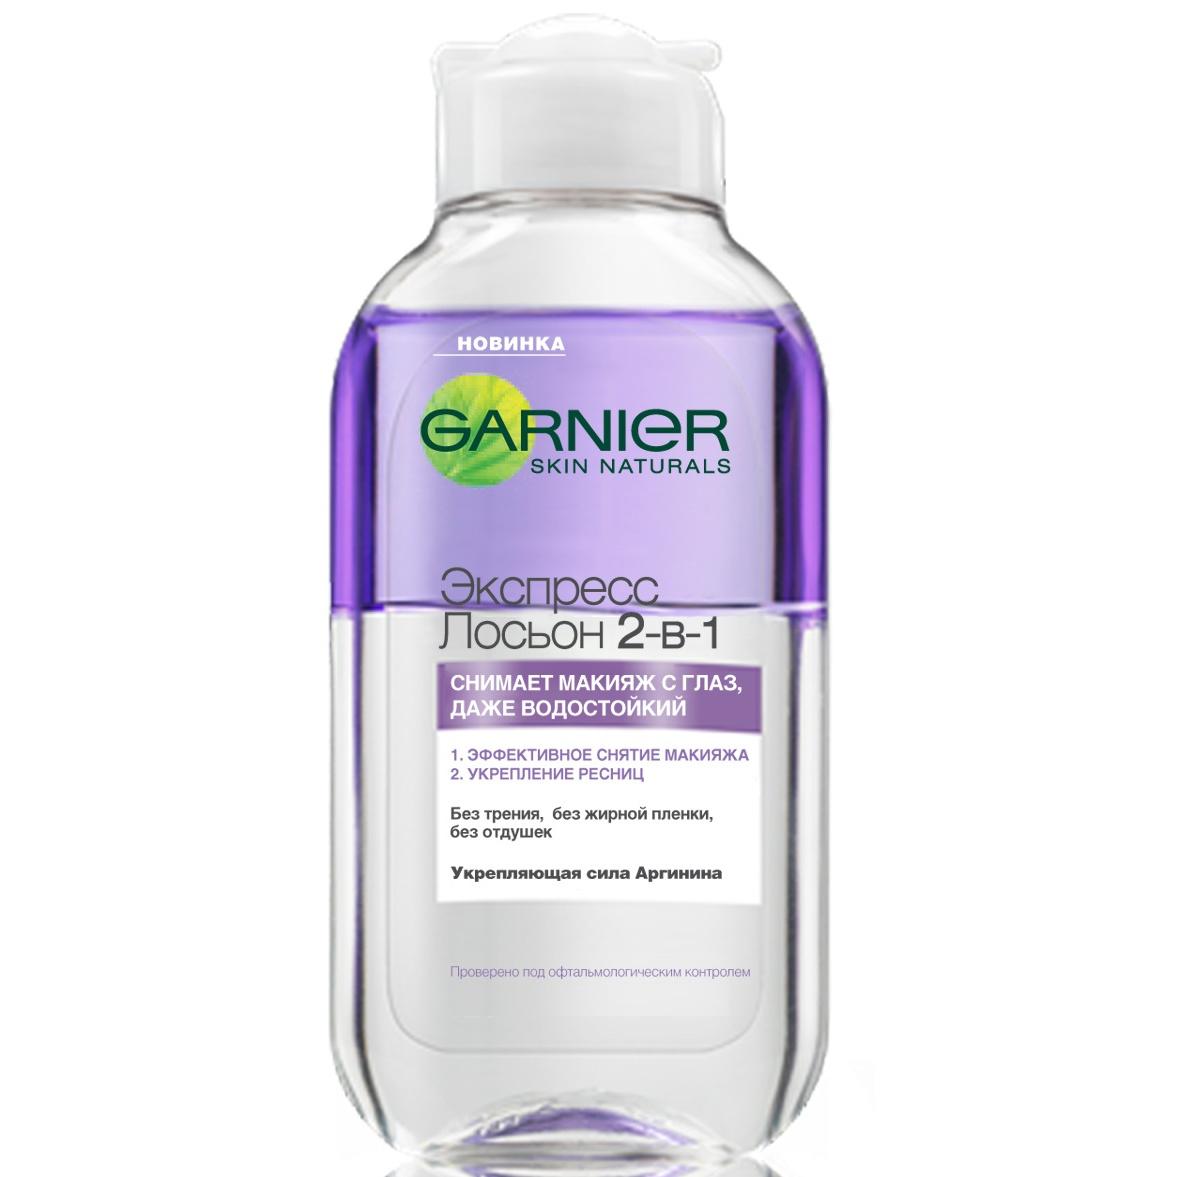 Лосьон для снятия макияжа Garnier 125 мл фото